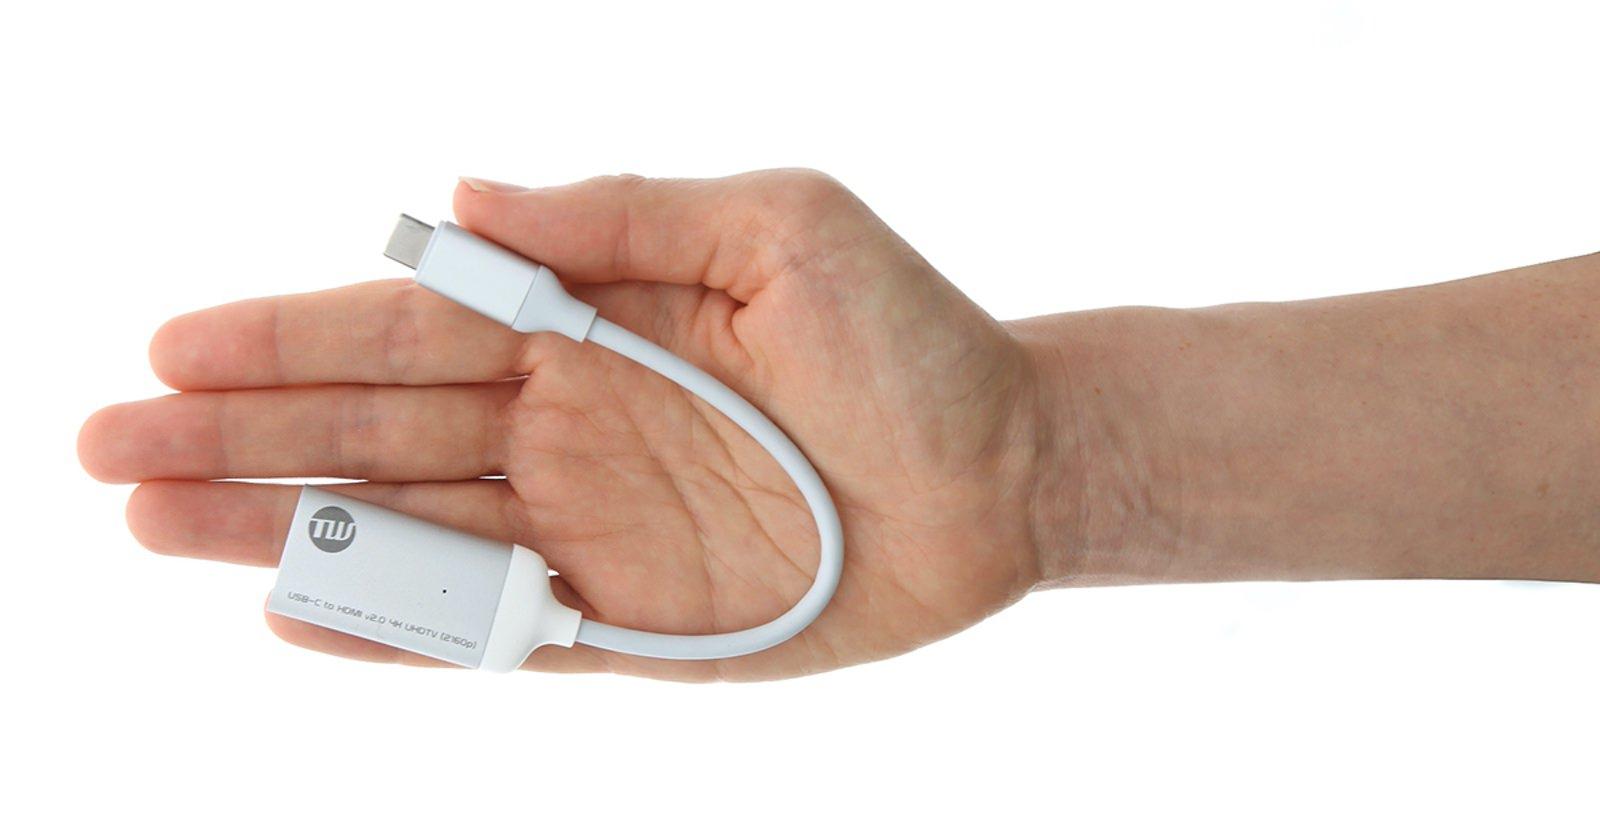 TUNWEAR USBC to HDMI v2 4K UHDTV Adaptor 08